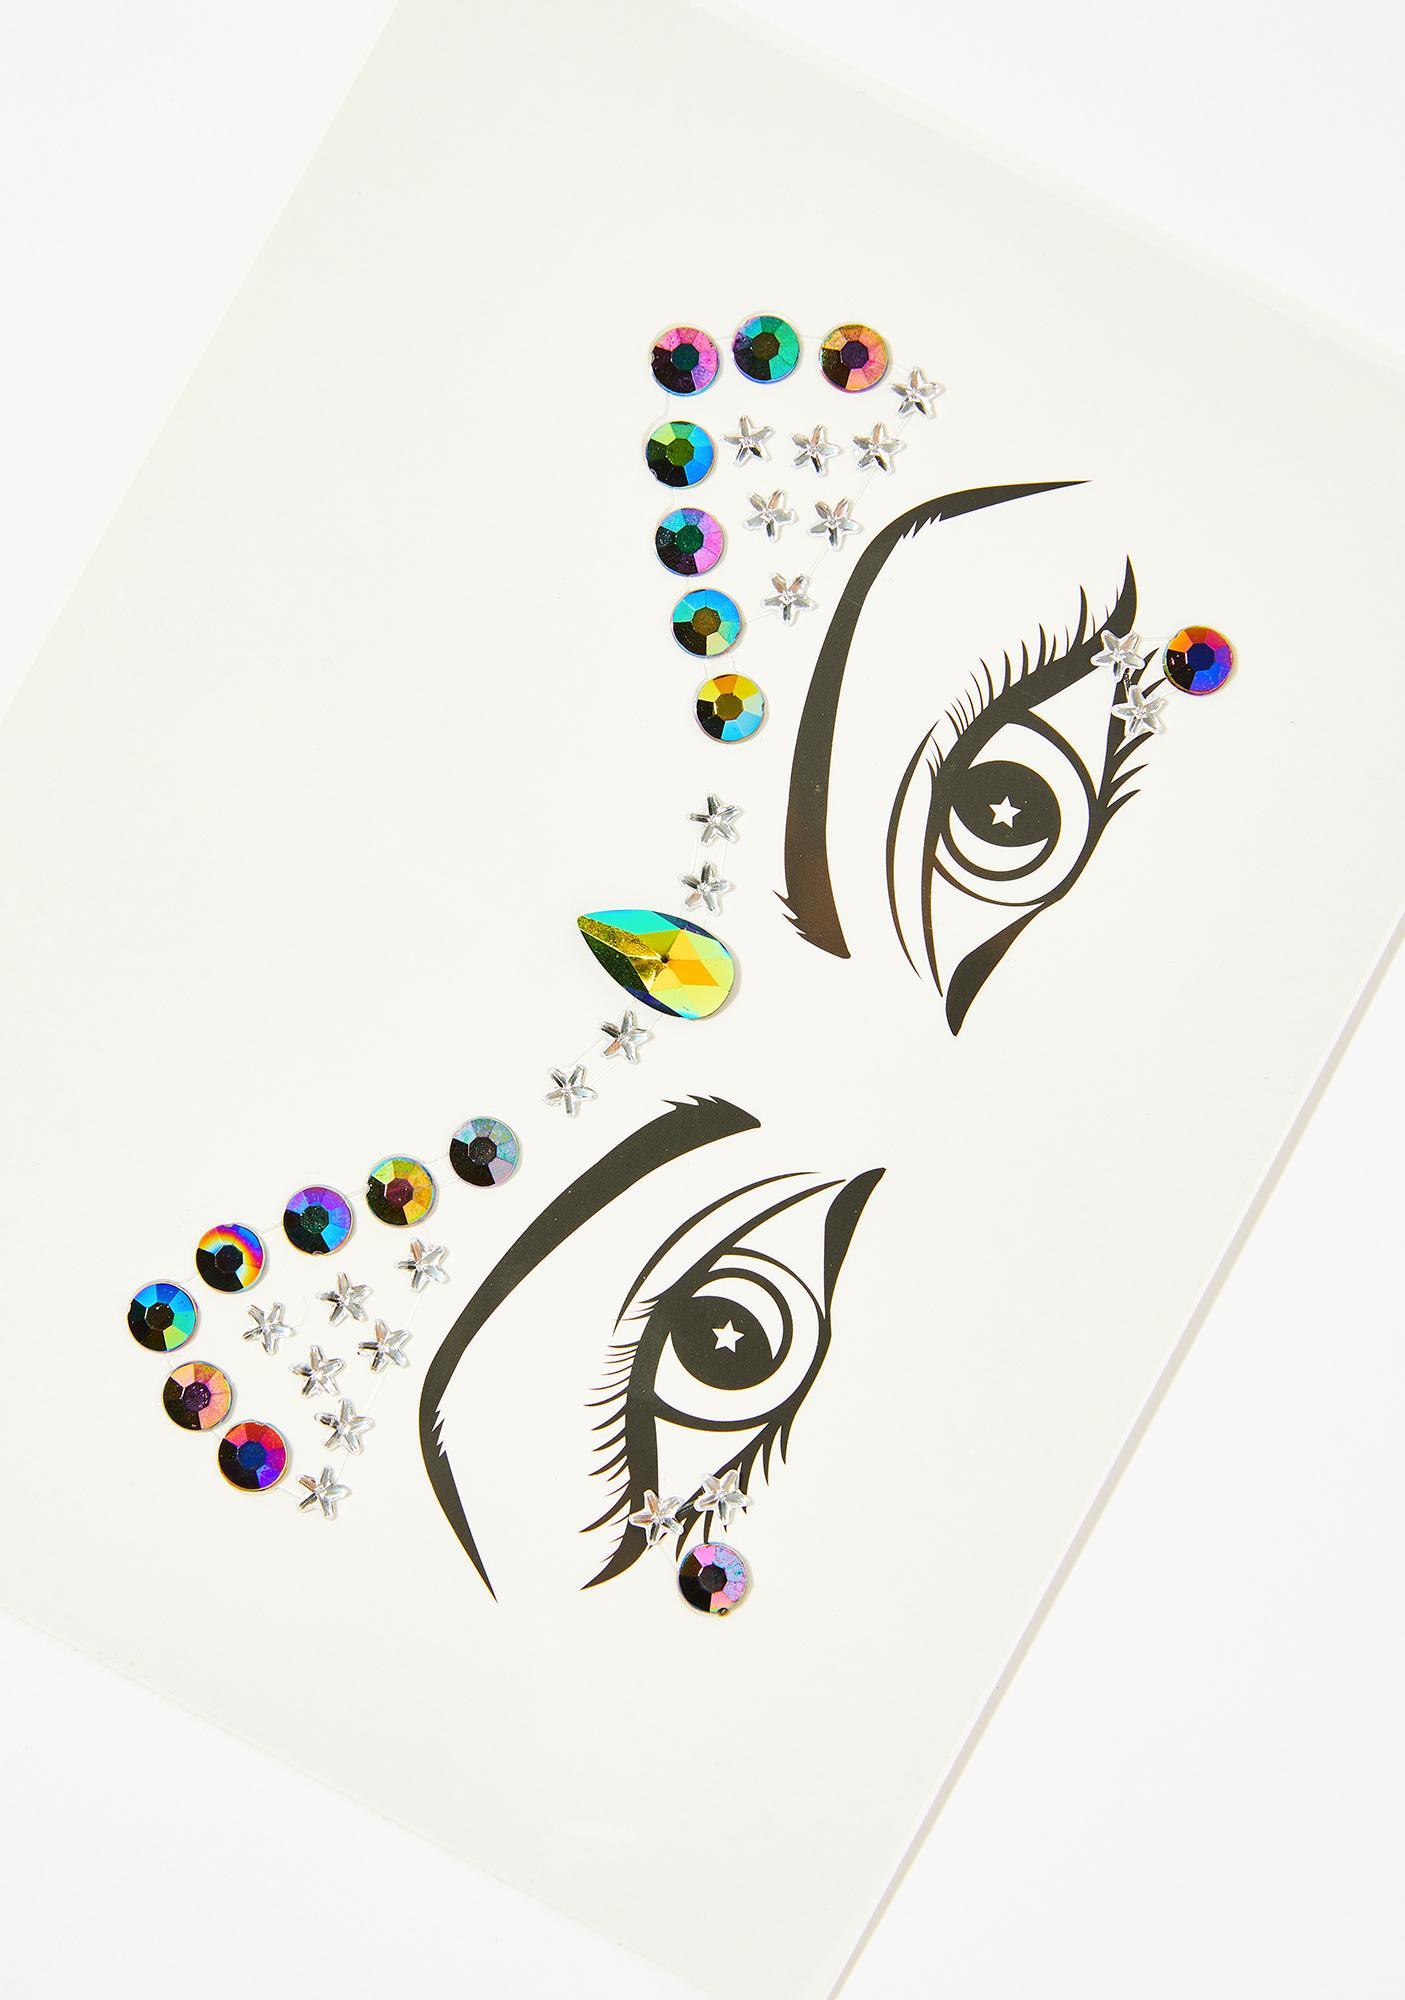 Lunautics Divinity Cosmic Face Crystals